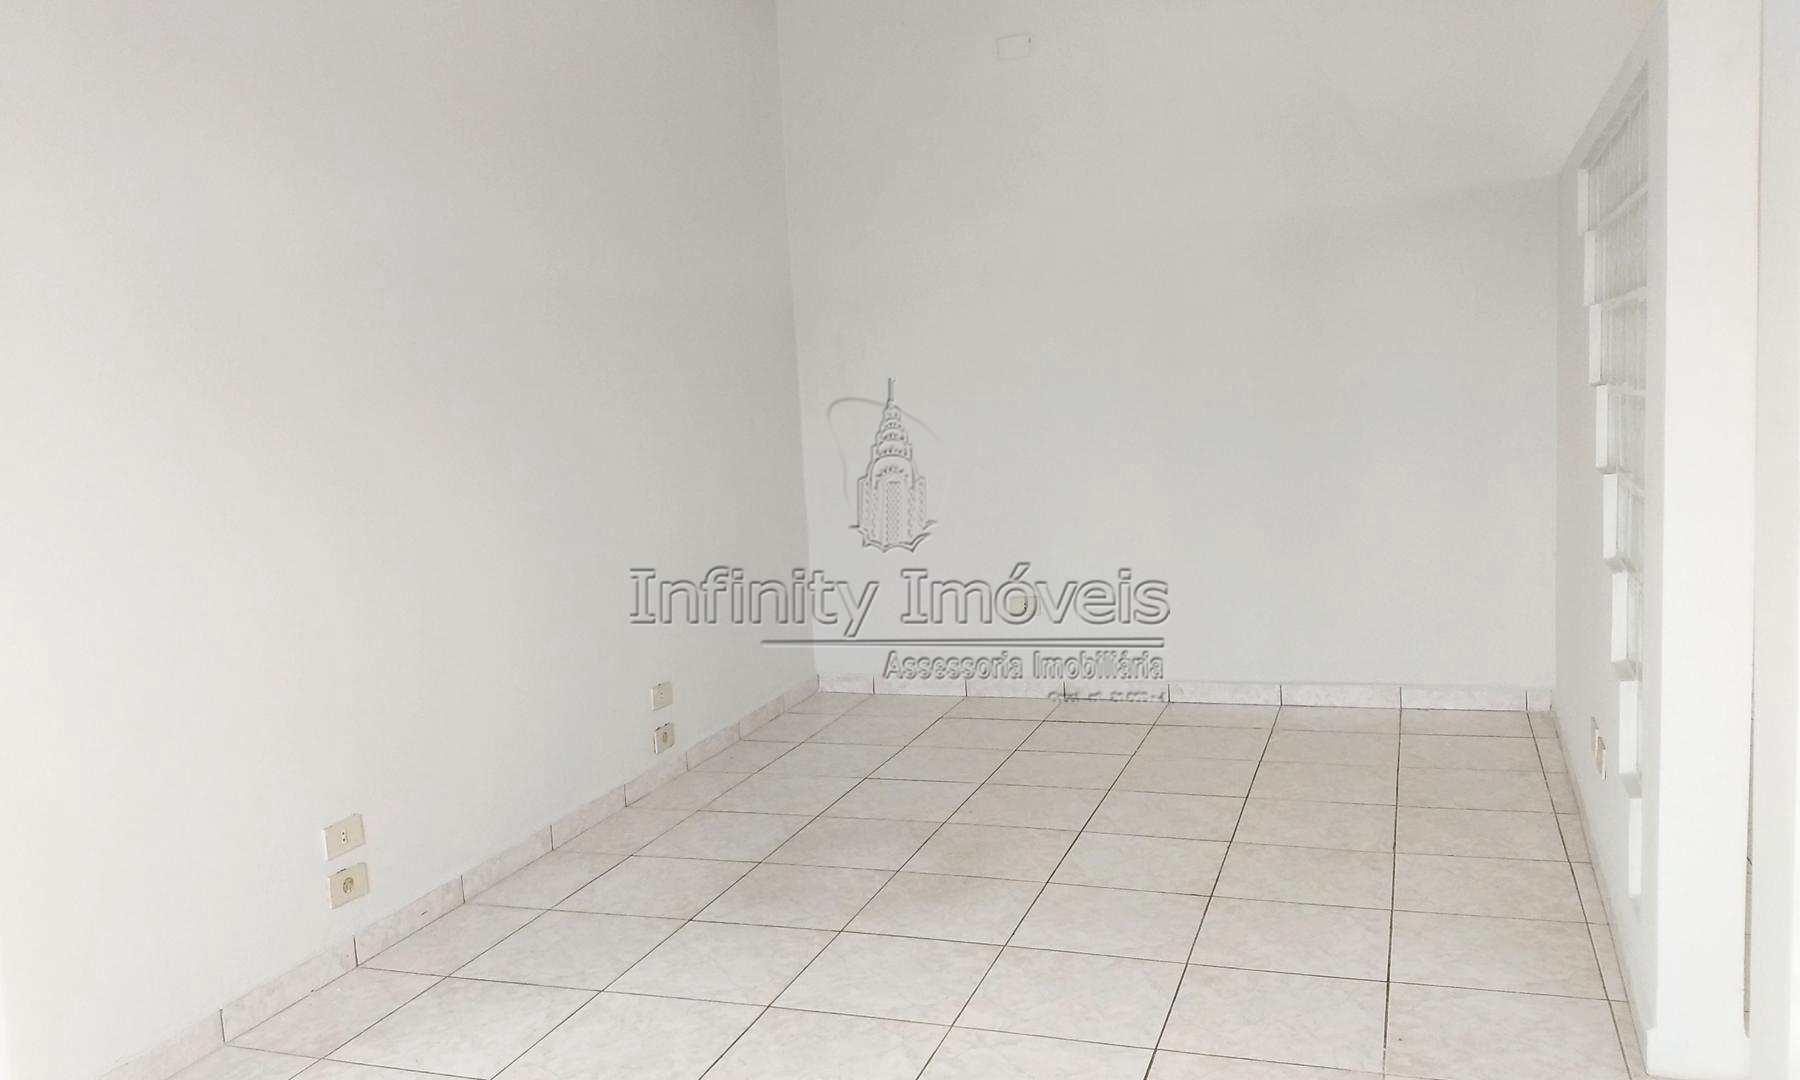 Venda/Aluguel, Sala Comercial, 76,00m2, em Santos